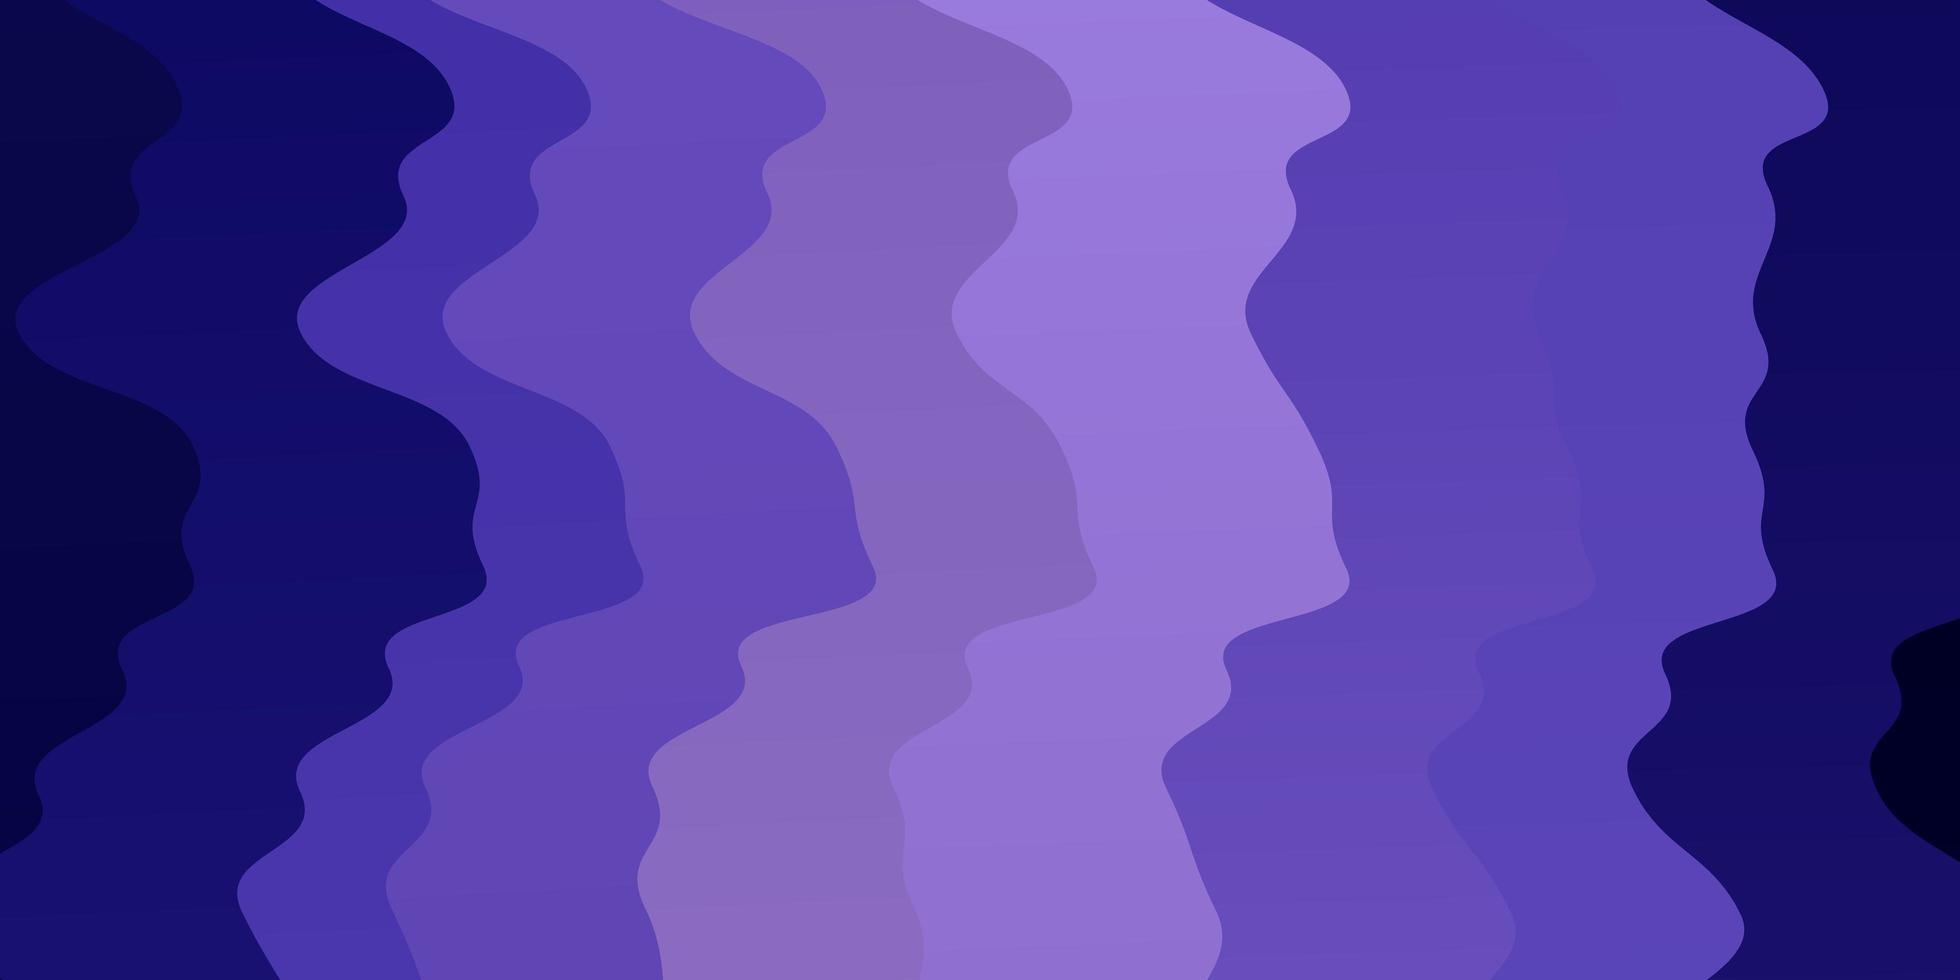 Fondo de vector púrpura claro con curvas.